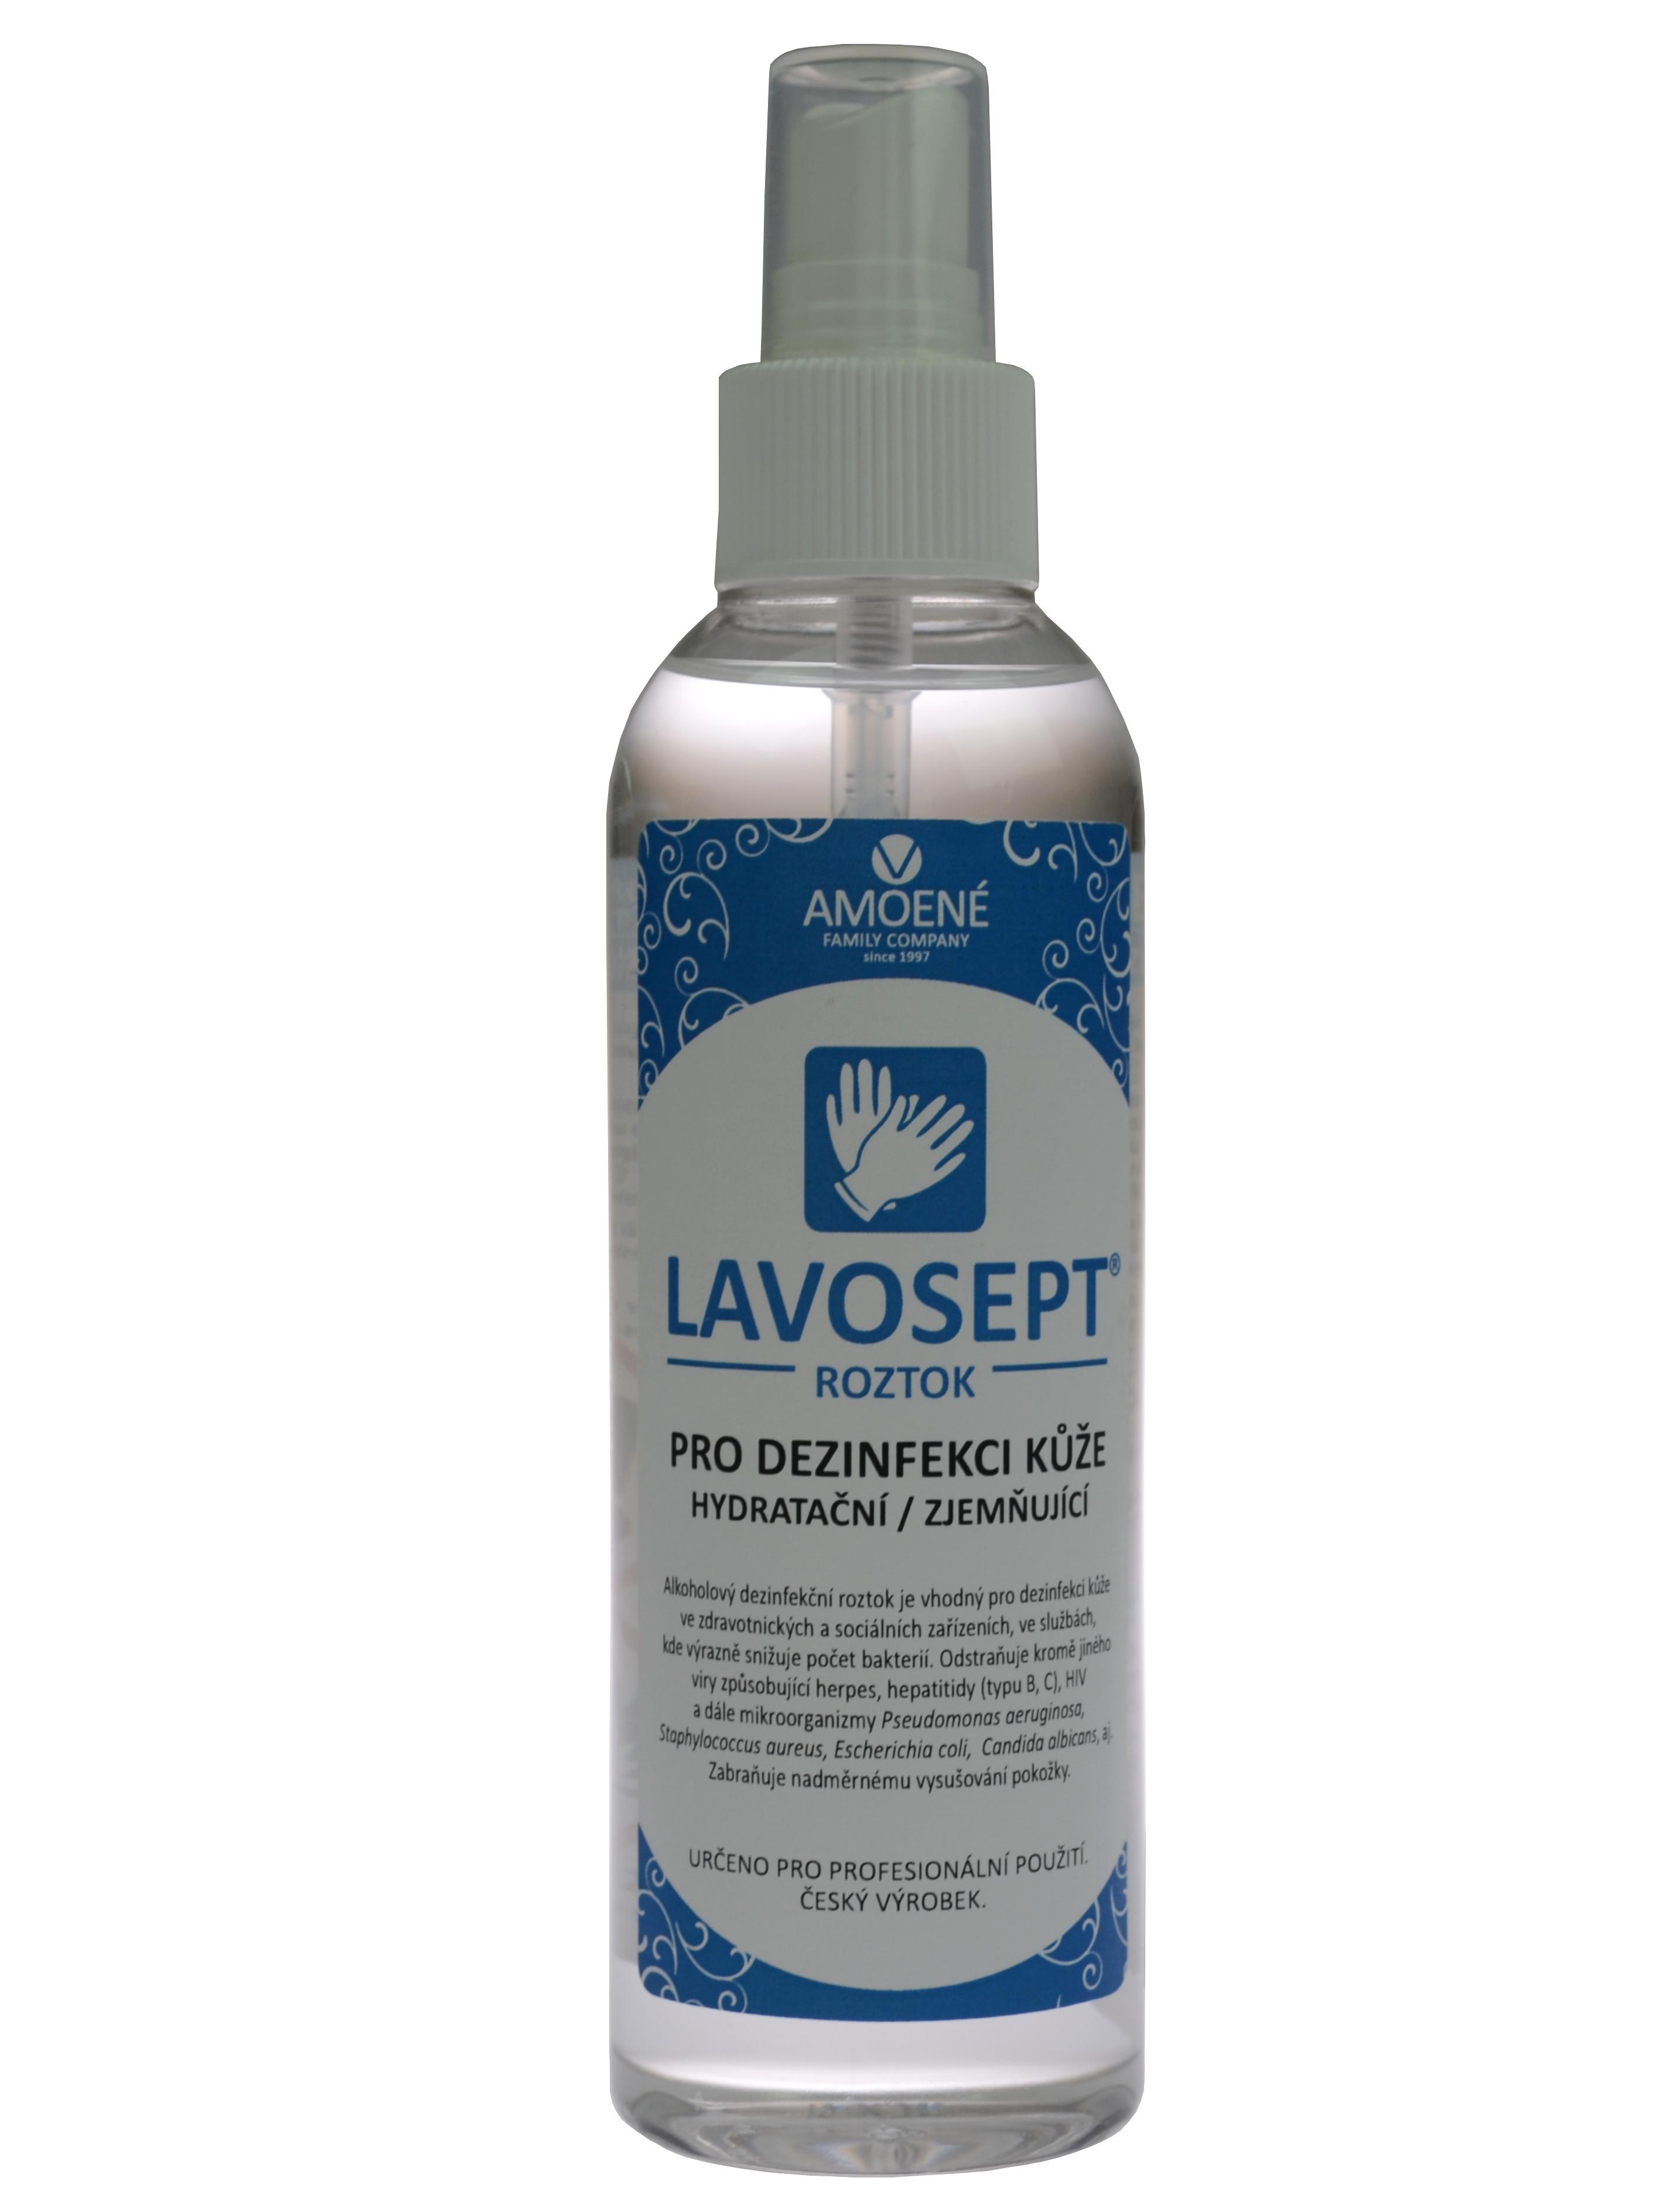 Dezinfekce kůže ve spreji Amoené Lavosept - trnka - 200 ml (0131T2M200)